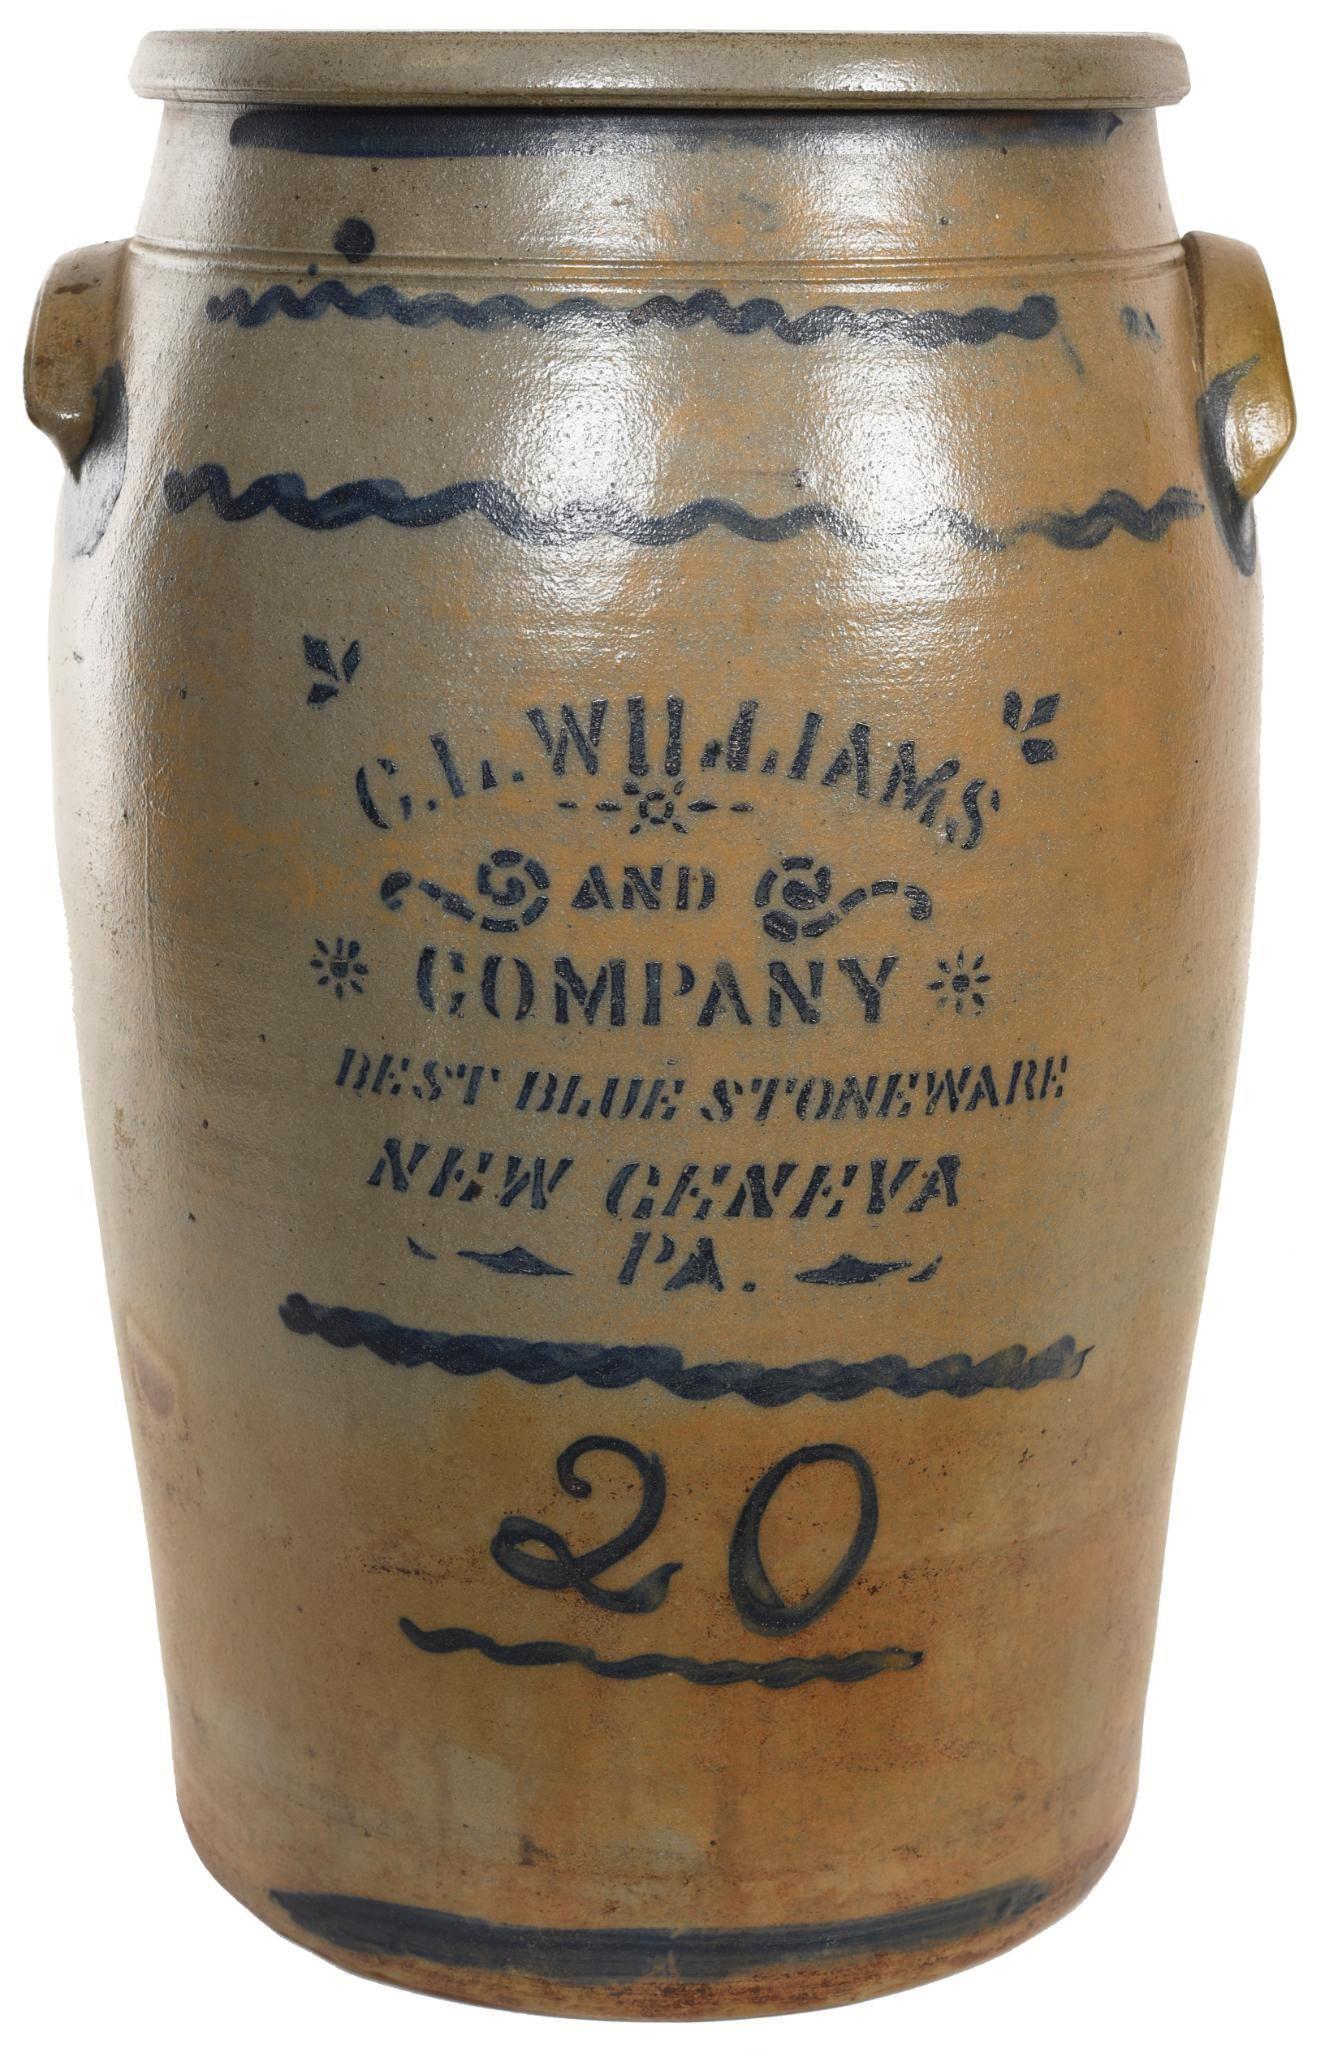 C.L. Williams & Co. New Geneva 20 Gallon Blue & Stonewa